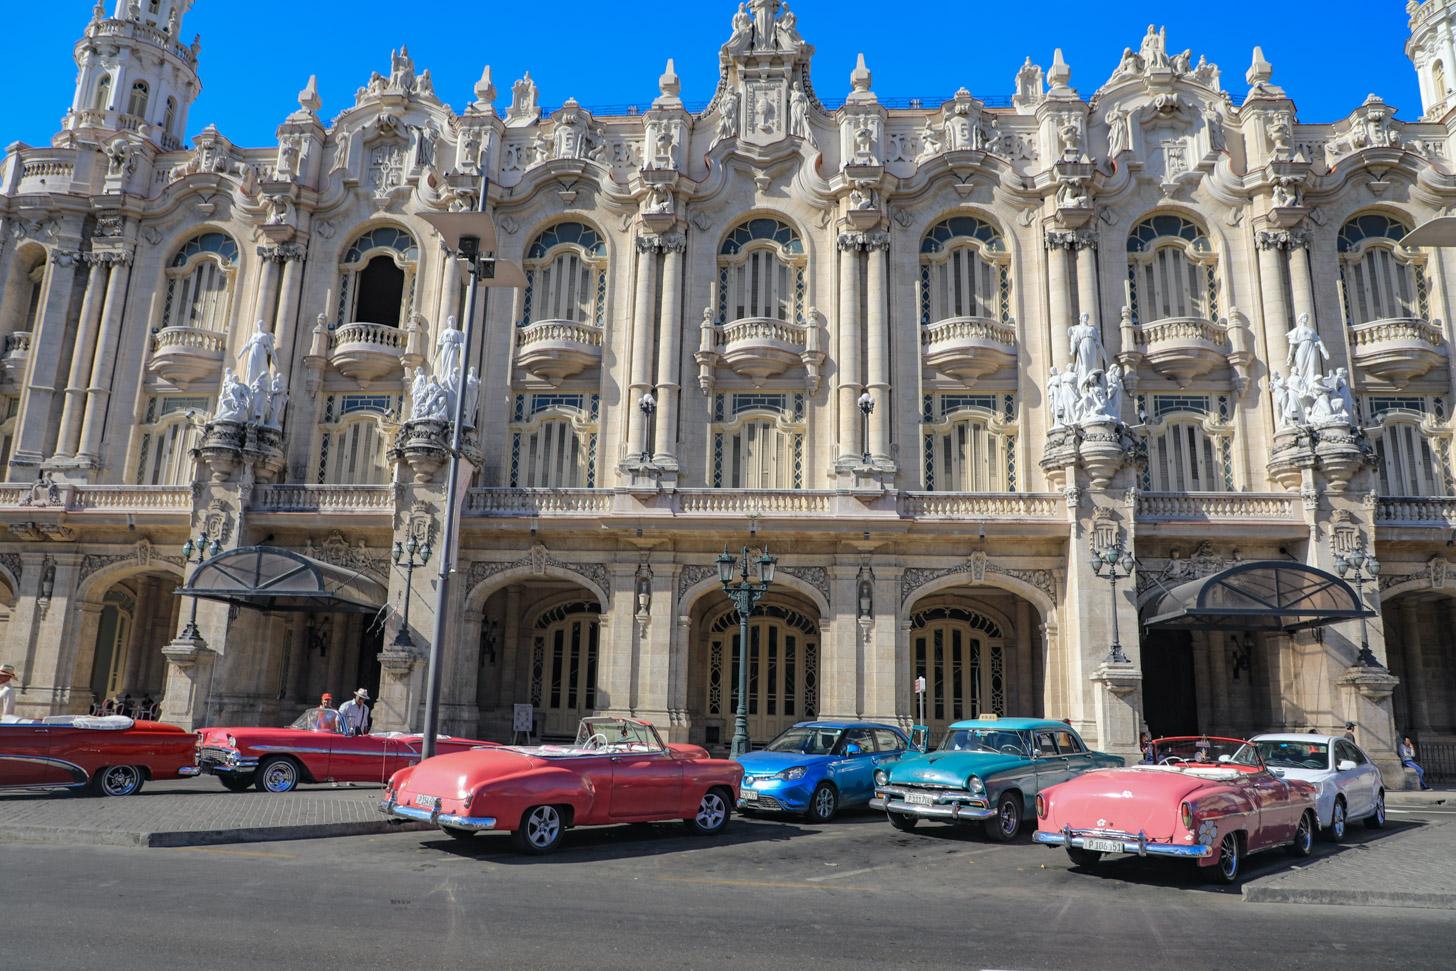 klassieke auto's in het centrum van Havana